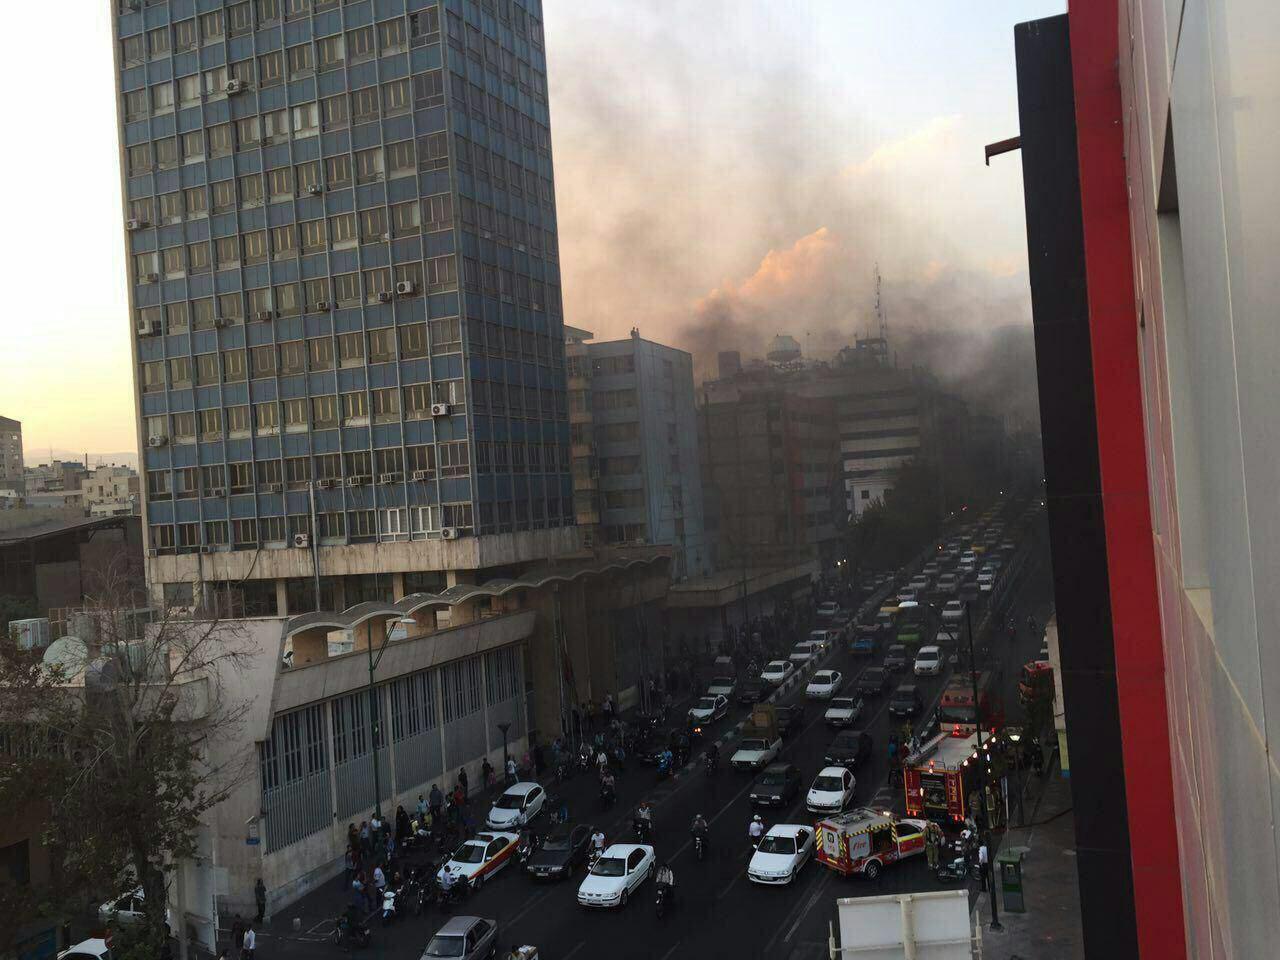 آتش سوزي مقابل تالار بورس تهران (+عکس)